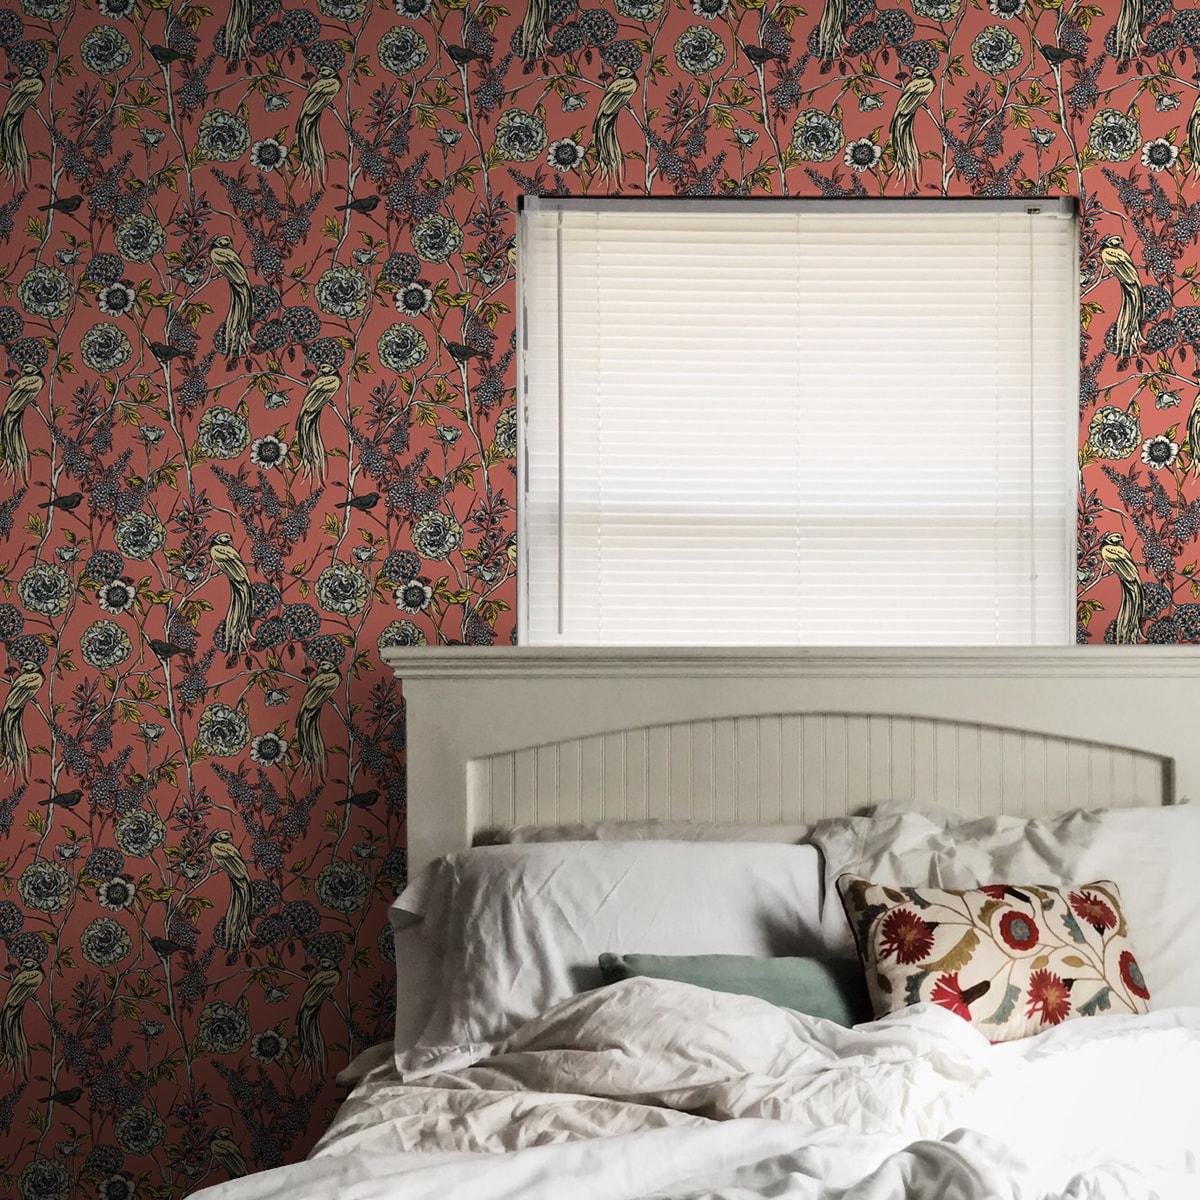 """Tolle florale Tapete """"Victorias Treasure"""" mit Paradies Vögeln und Blumen in orange - großer Rapport Wohnzimmer"""